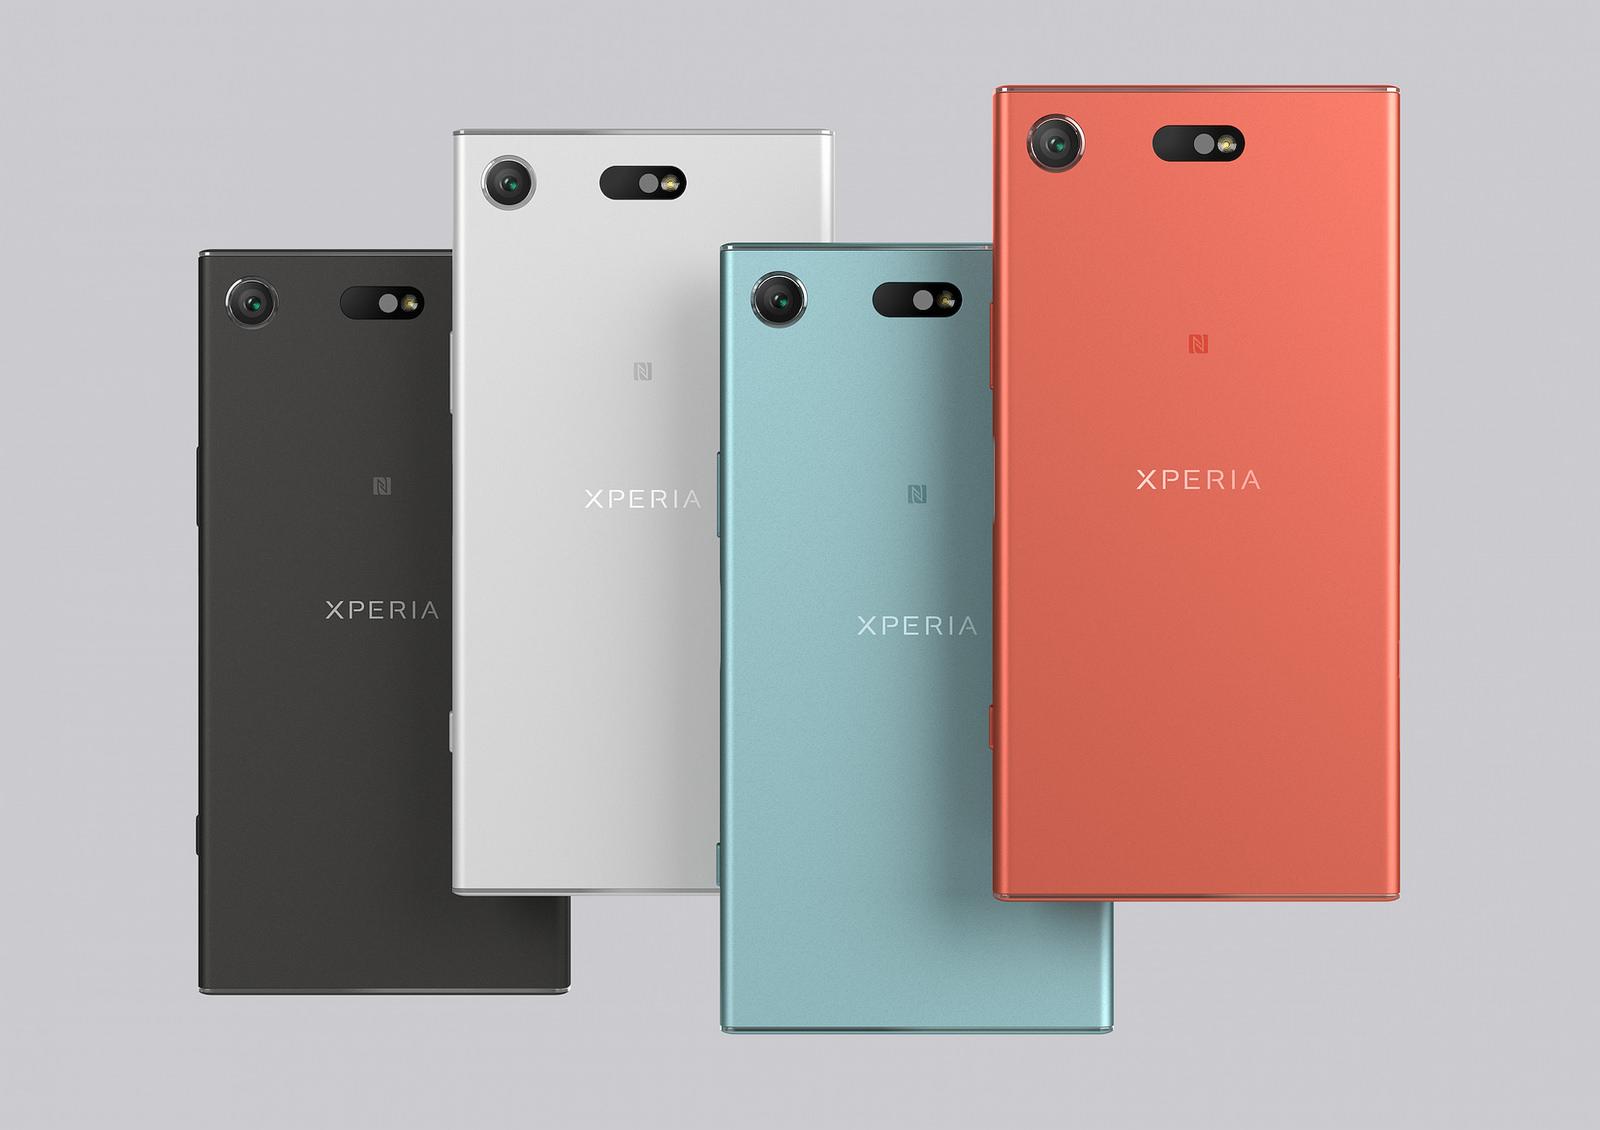 Xperia zx1シリーズ(スペック/デザイン/発売日)まとめ